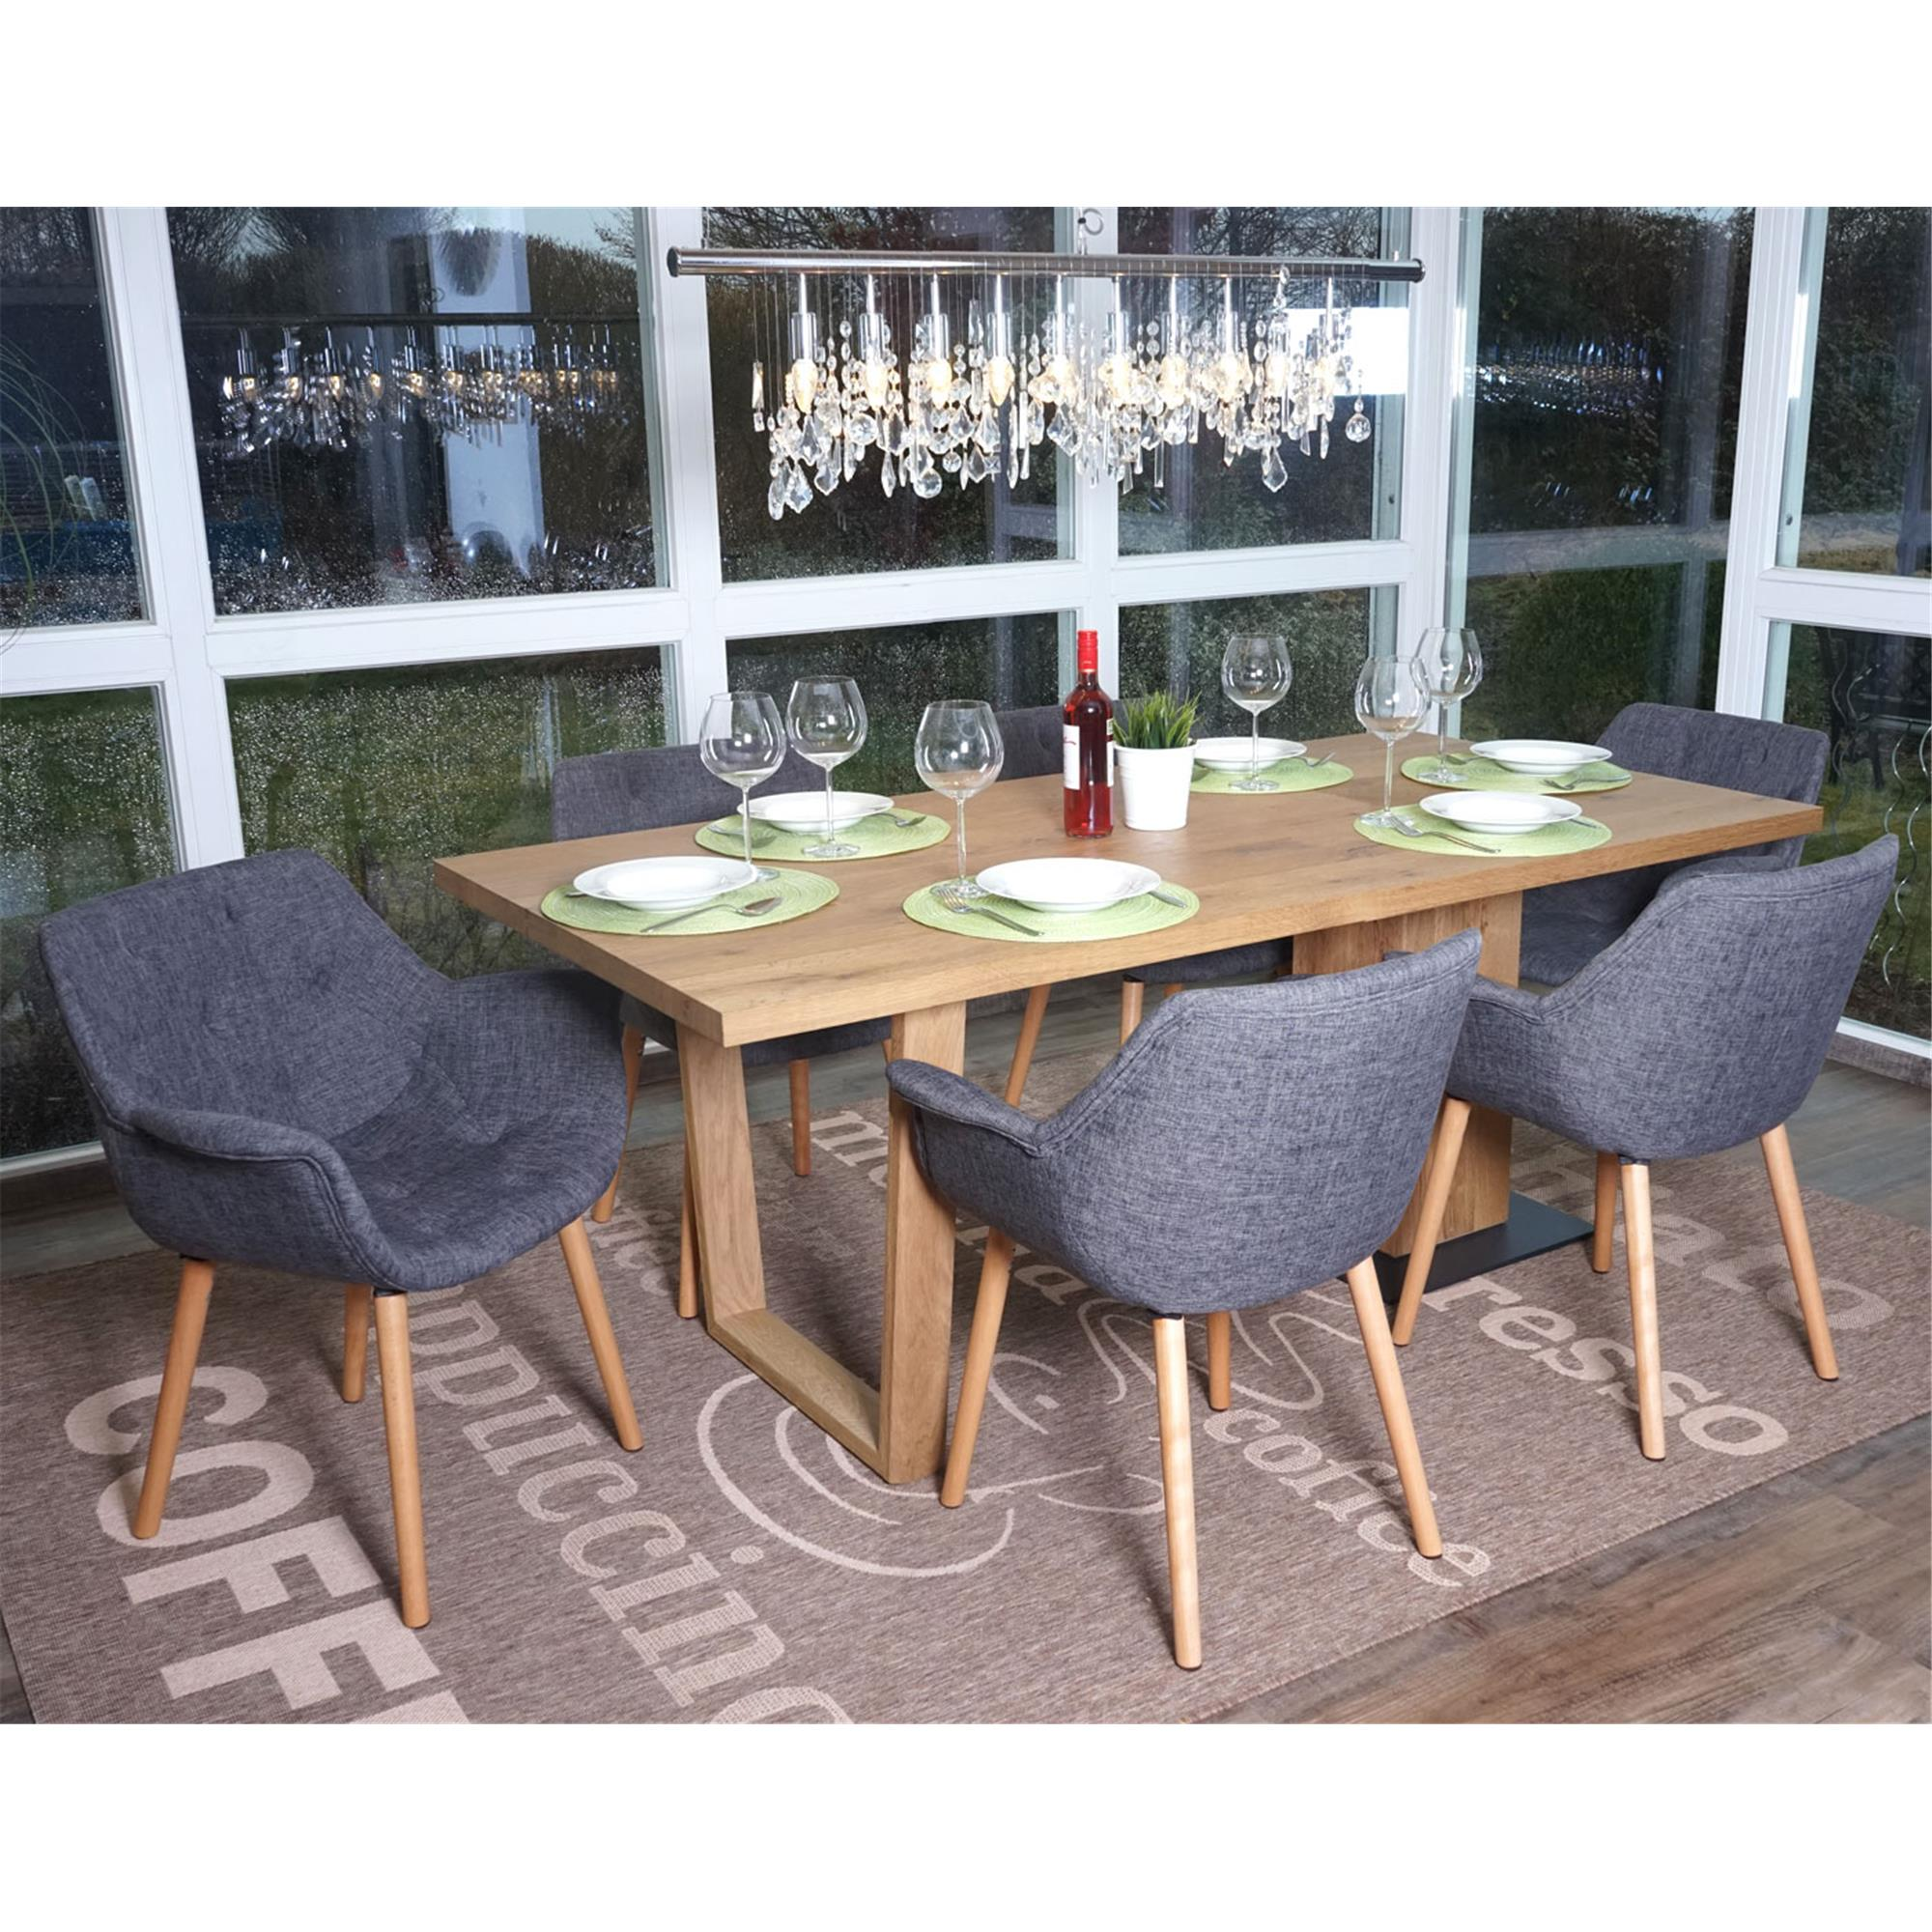 Lote 2 sillas de comedor alber tela estilo retro en gris for Comedor 2 colores